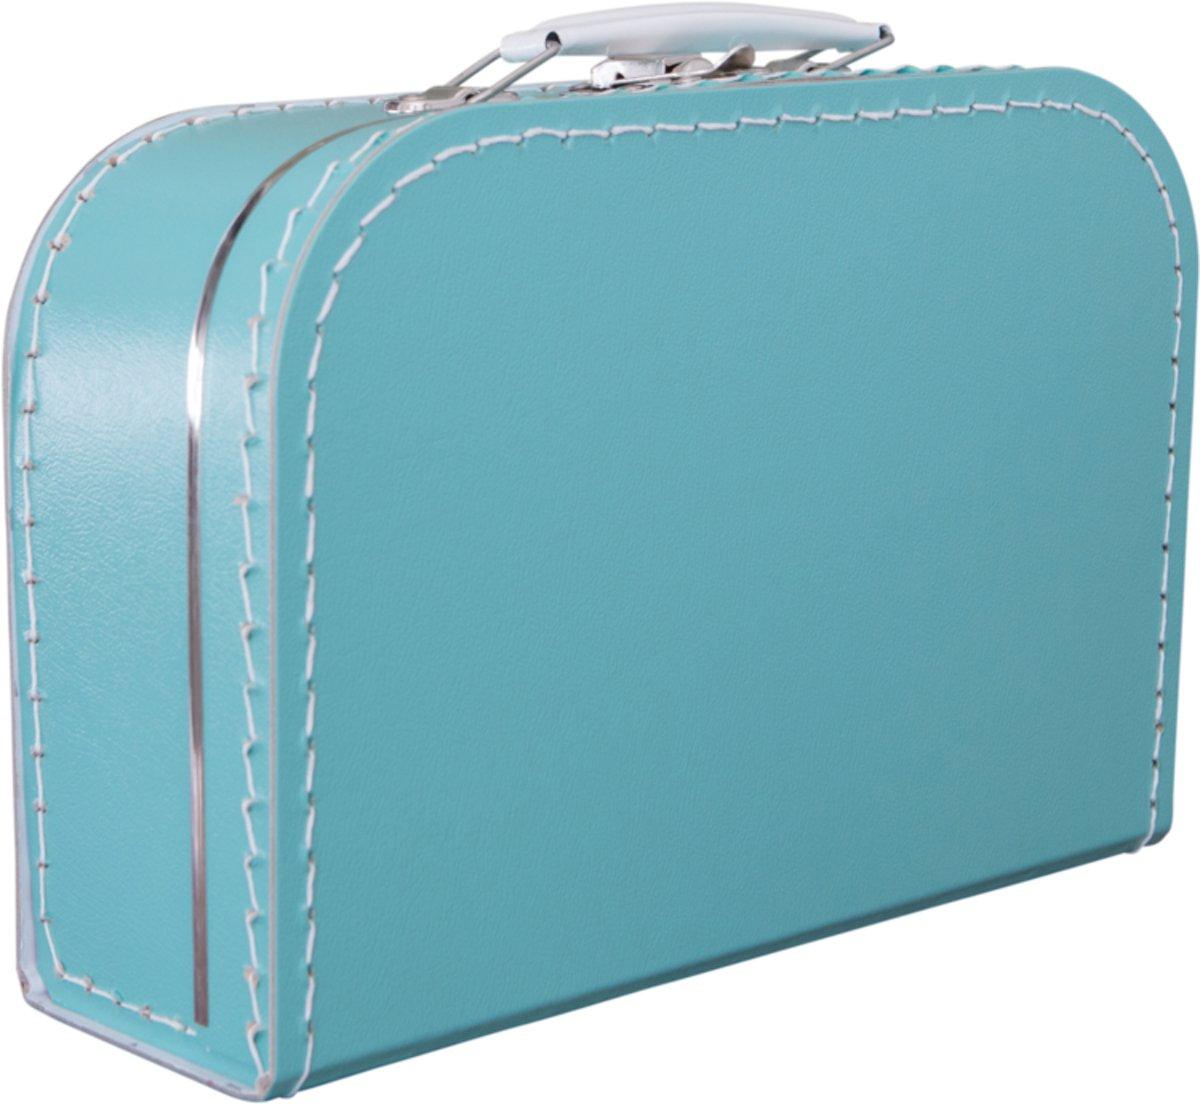 Koffertje effen blanco Turquoise kopen